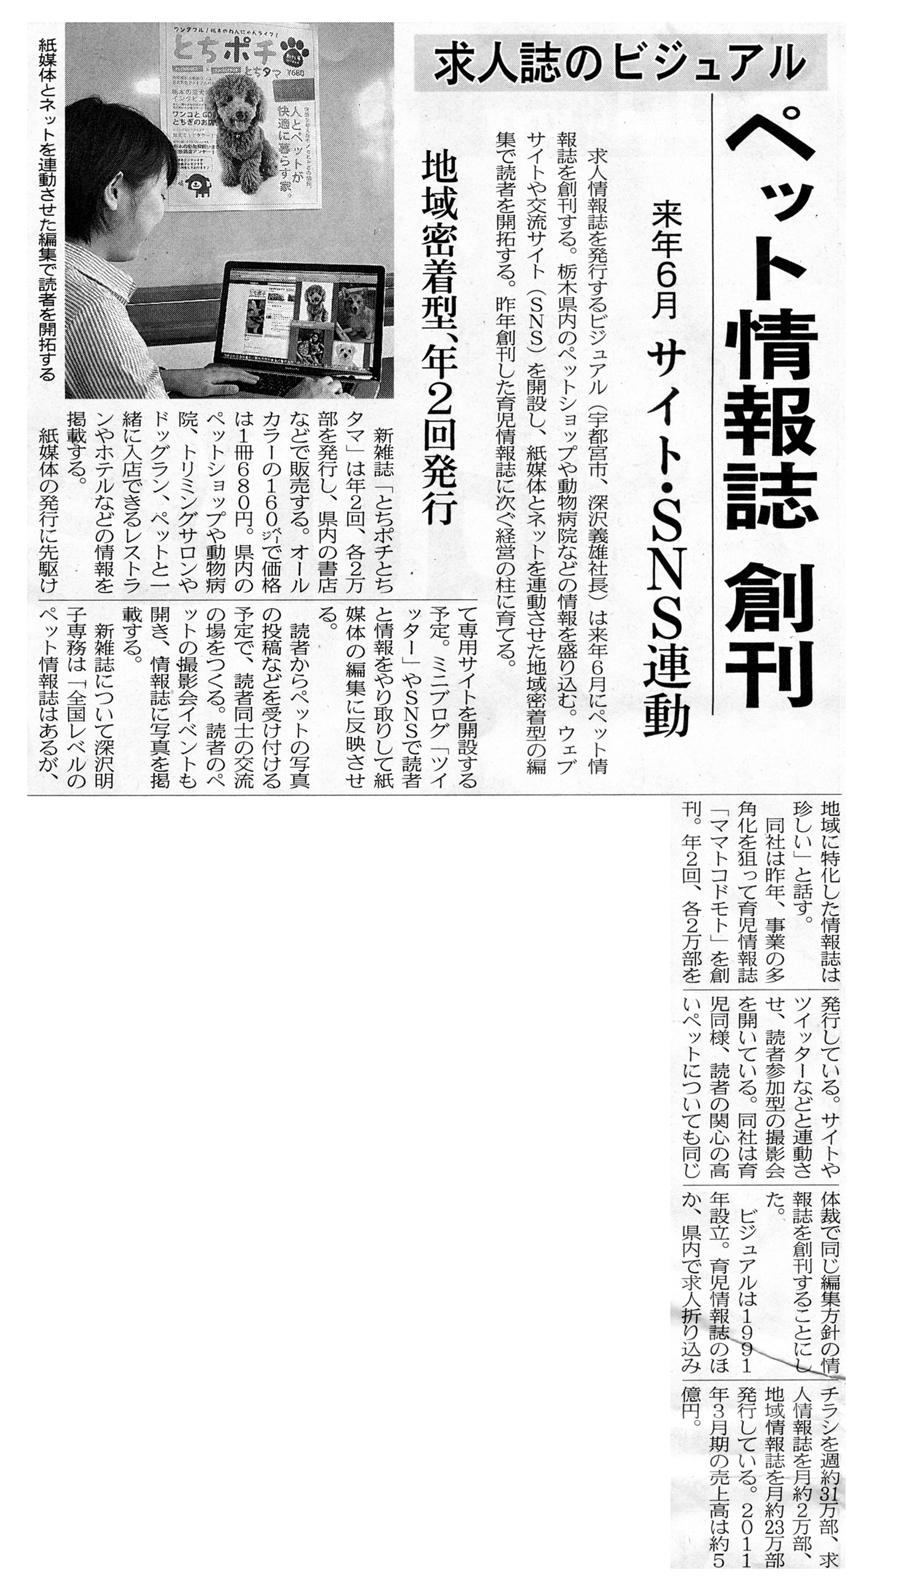 日経新聞さん記事